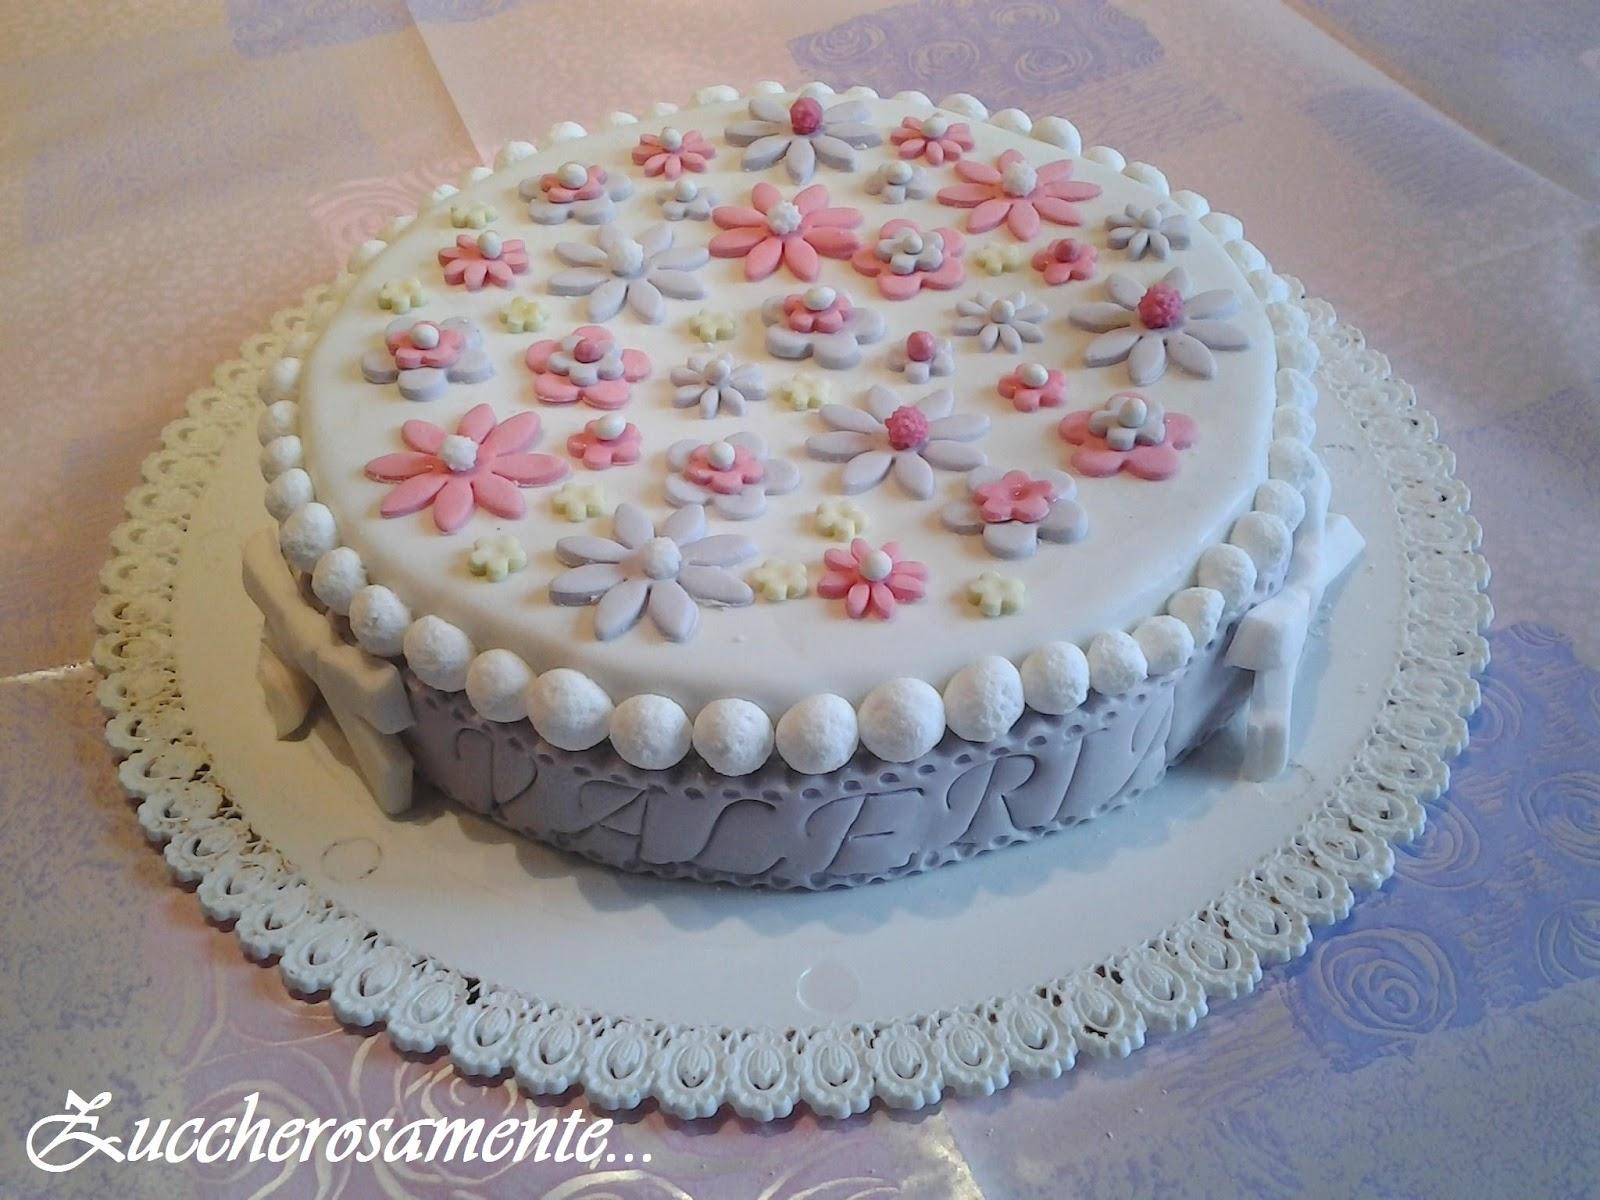 Exceptionnel Zuccherosamente: Torta fiori pastello in pasta di zucchero SM49